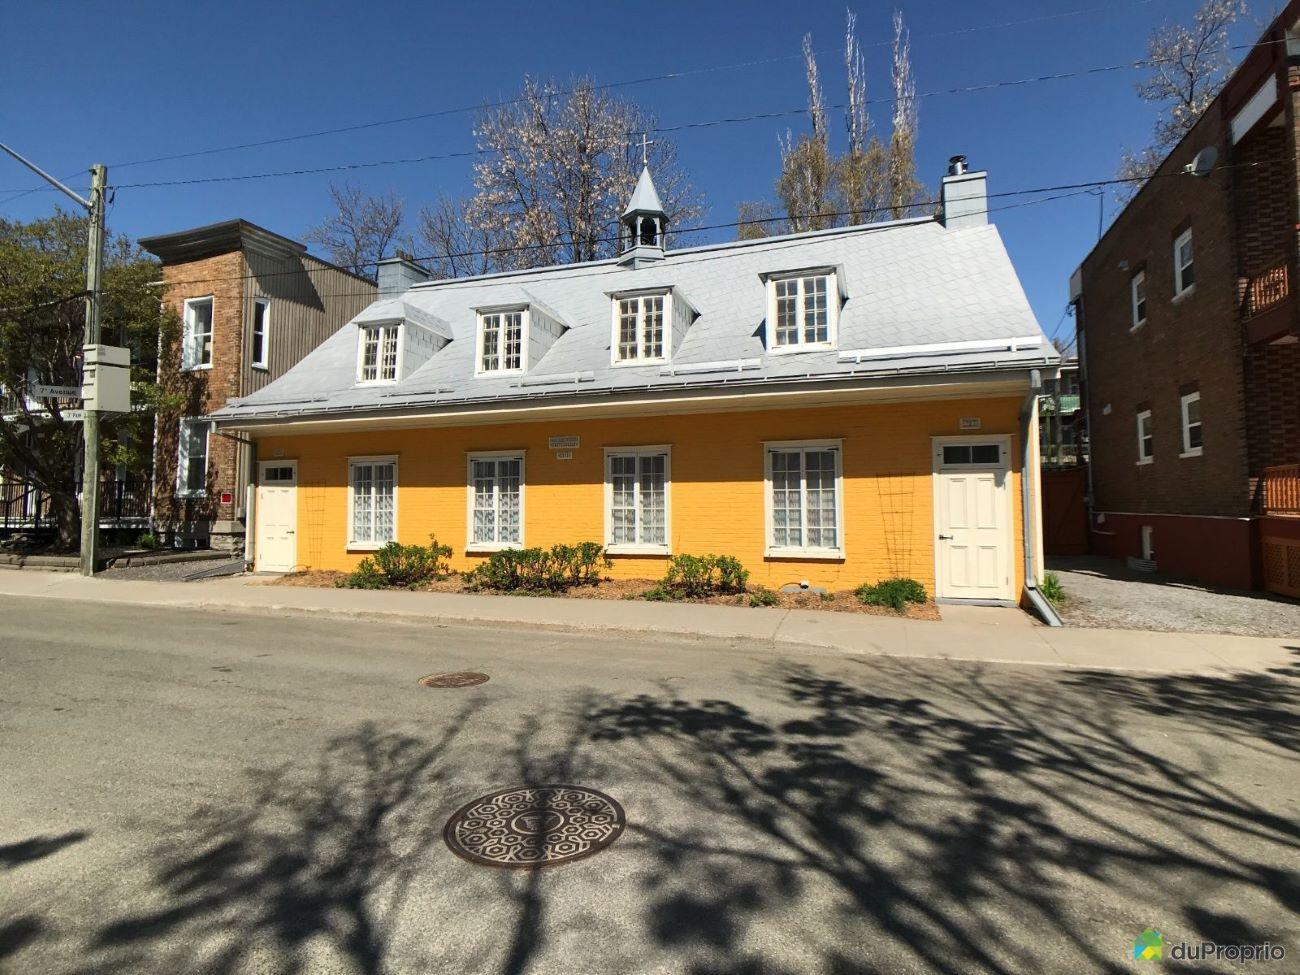 Une photo de la façade publiée sur Duproprio.com.